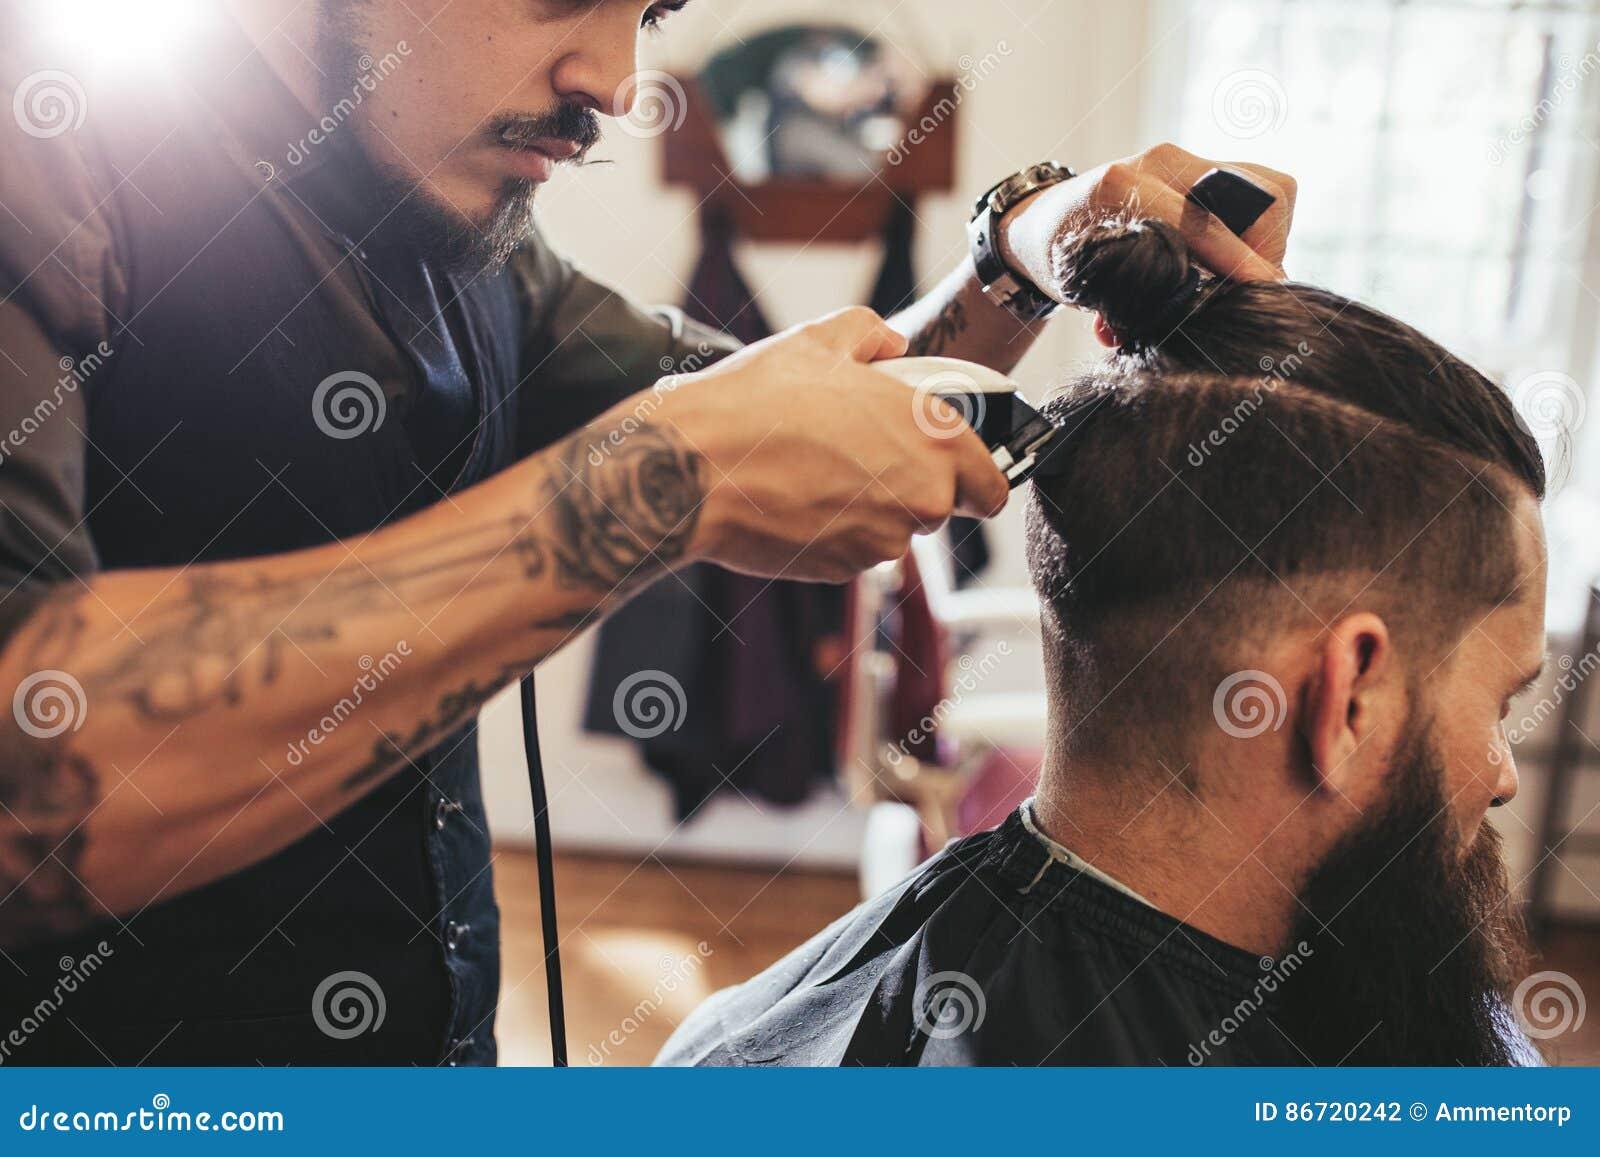 Uomo che ottiene taglio di capelli d avanguardia nel negozio di barbiere